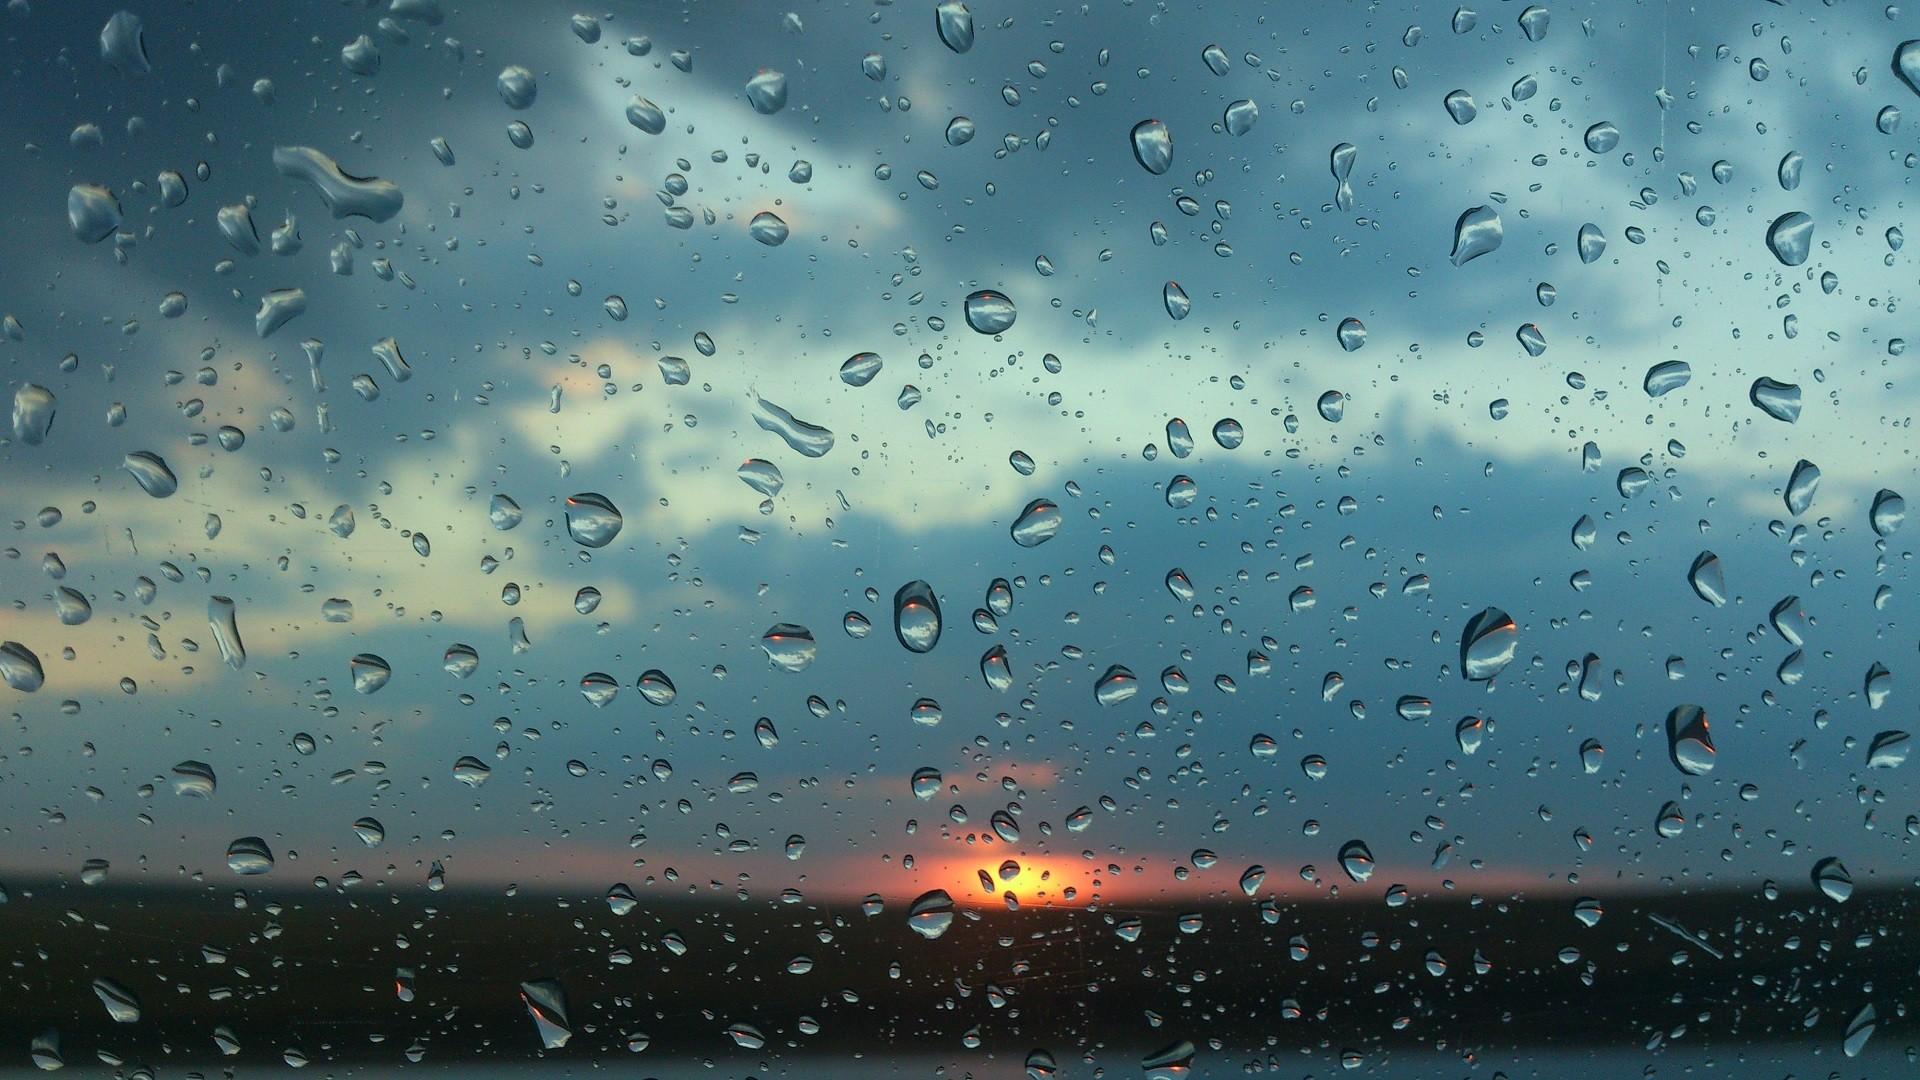 картинки для телефона дождя весной